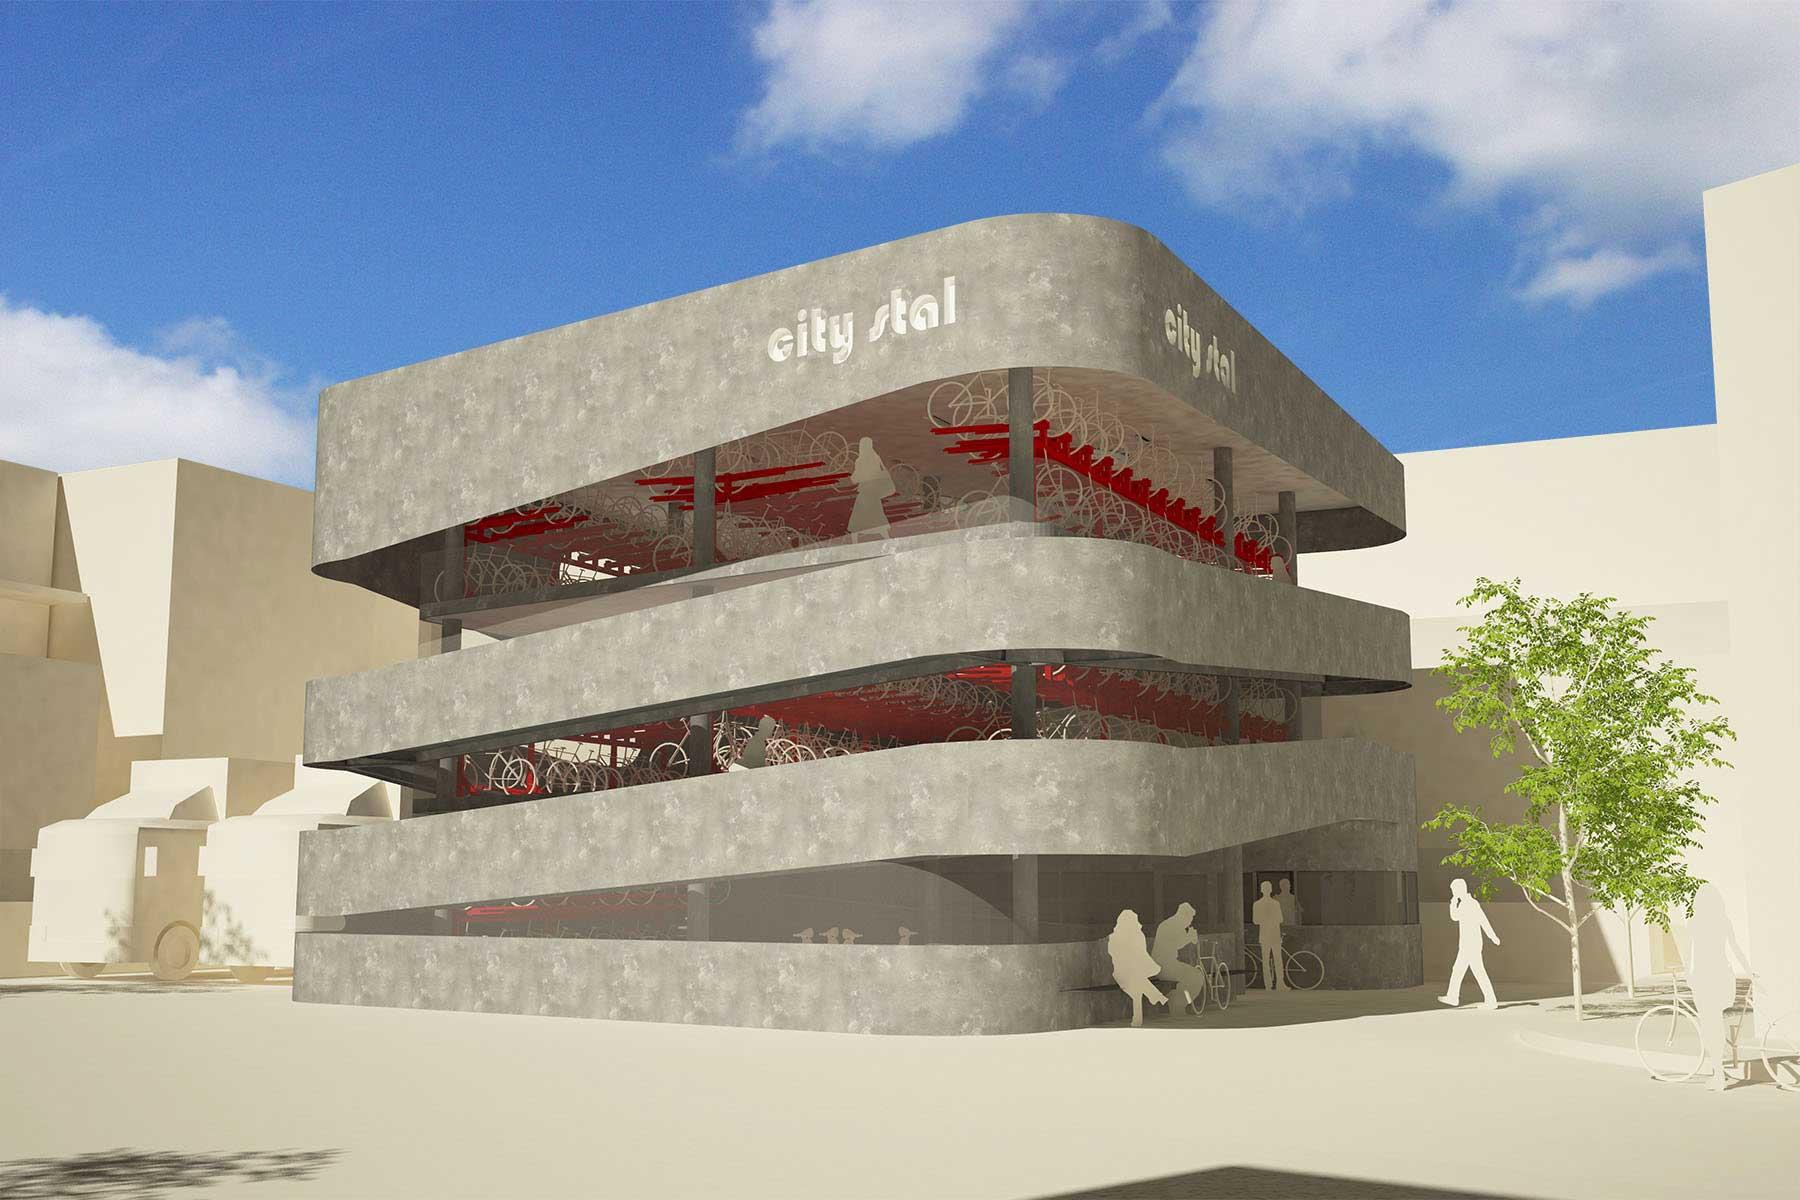 8A Architecten - Fietsenstalling 'City stal', Ringstede, Nieuwegein